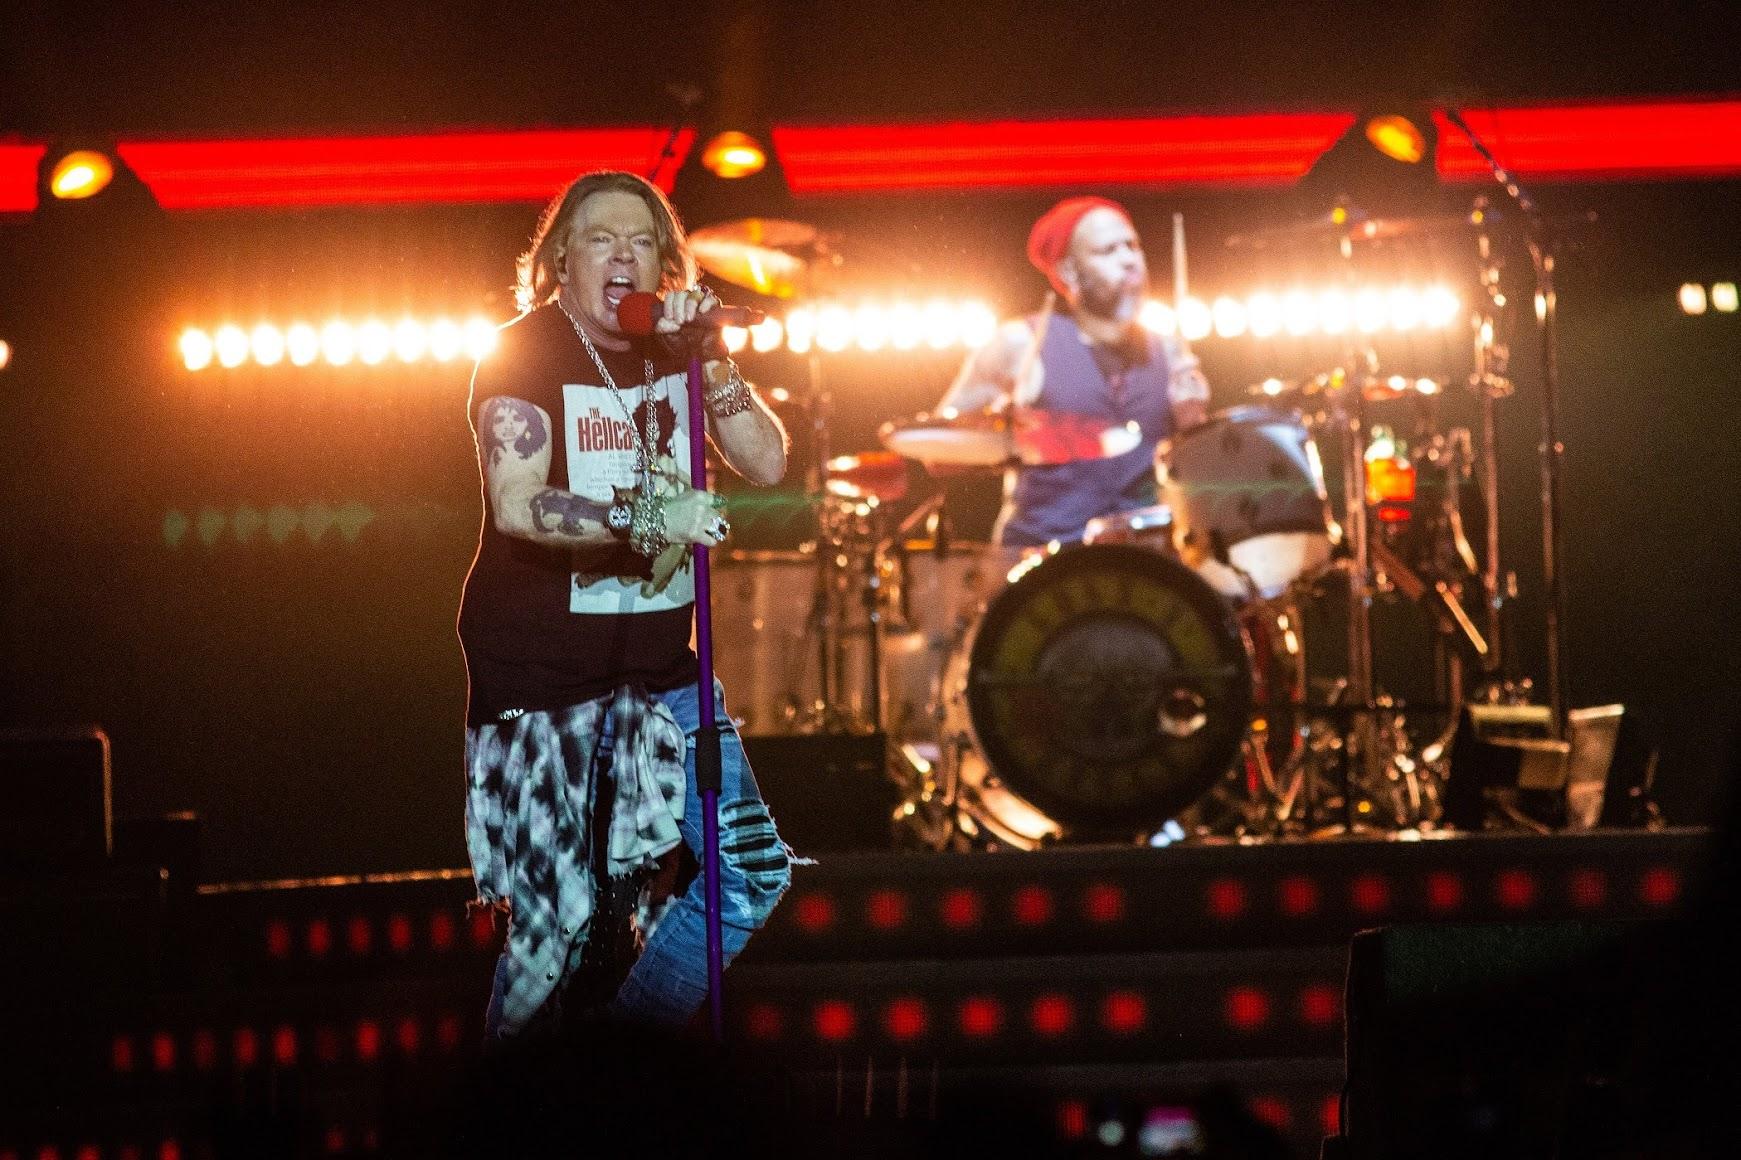 【迷迷現場】詳細報導 搖滾傳說 槍與玫瑰 Guns N' Roses 降臨台灣 兩萬人大合唱場面震撼